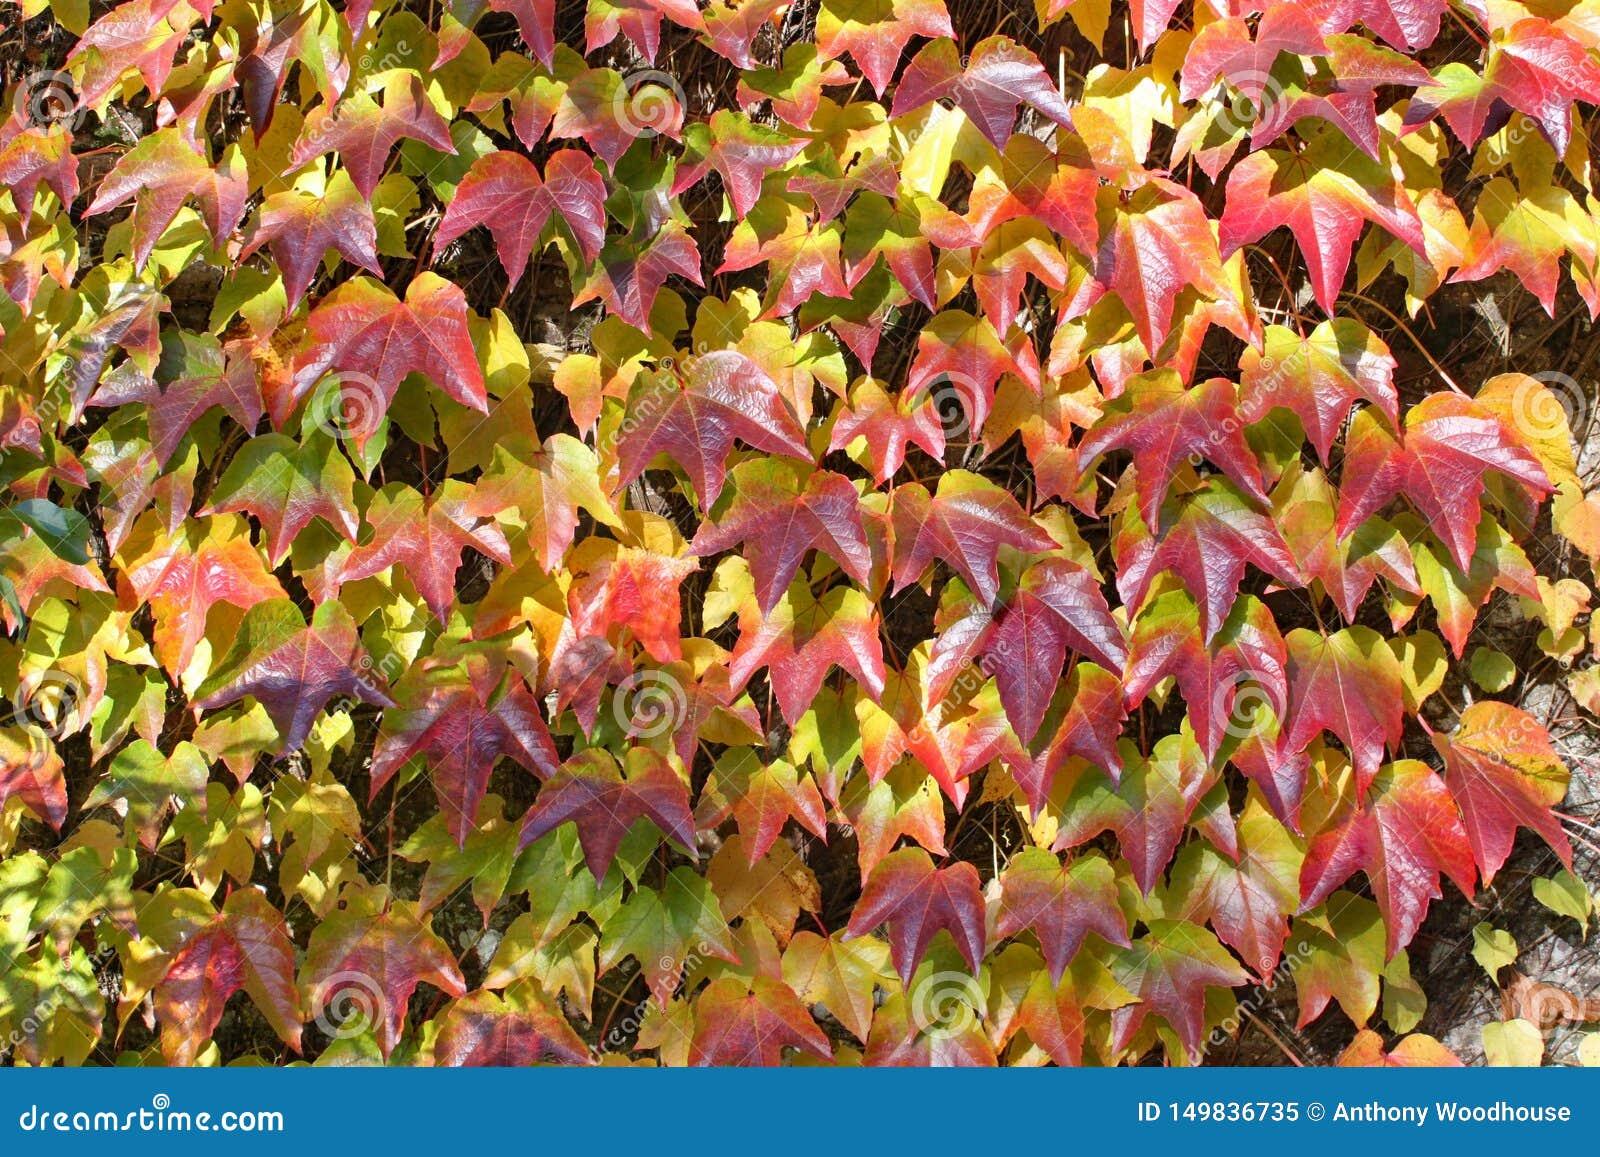 Il couleurs automnales de lierre groing vers le haut d un mur à l arborétum d Arley dans les Midlands en Angleterre